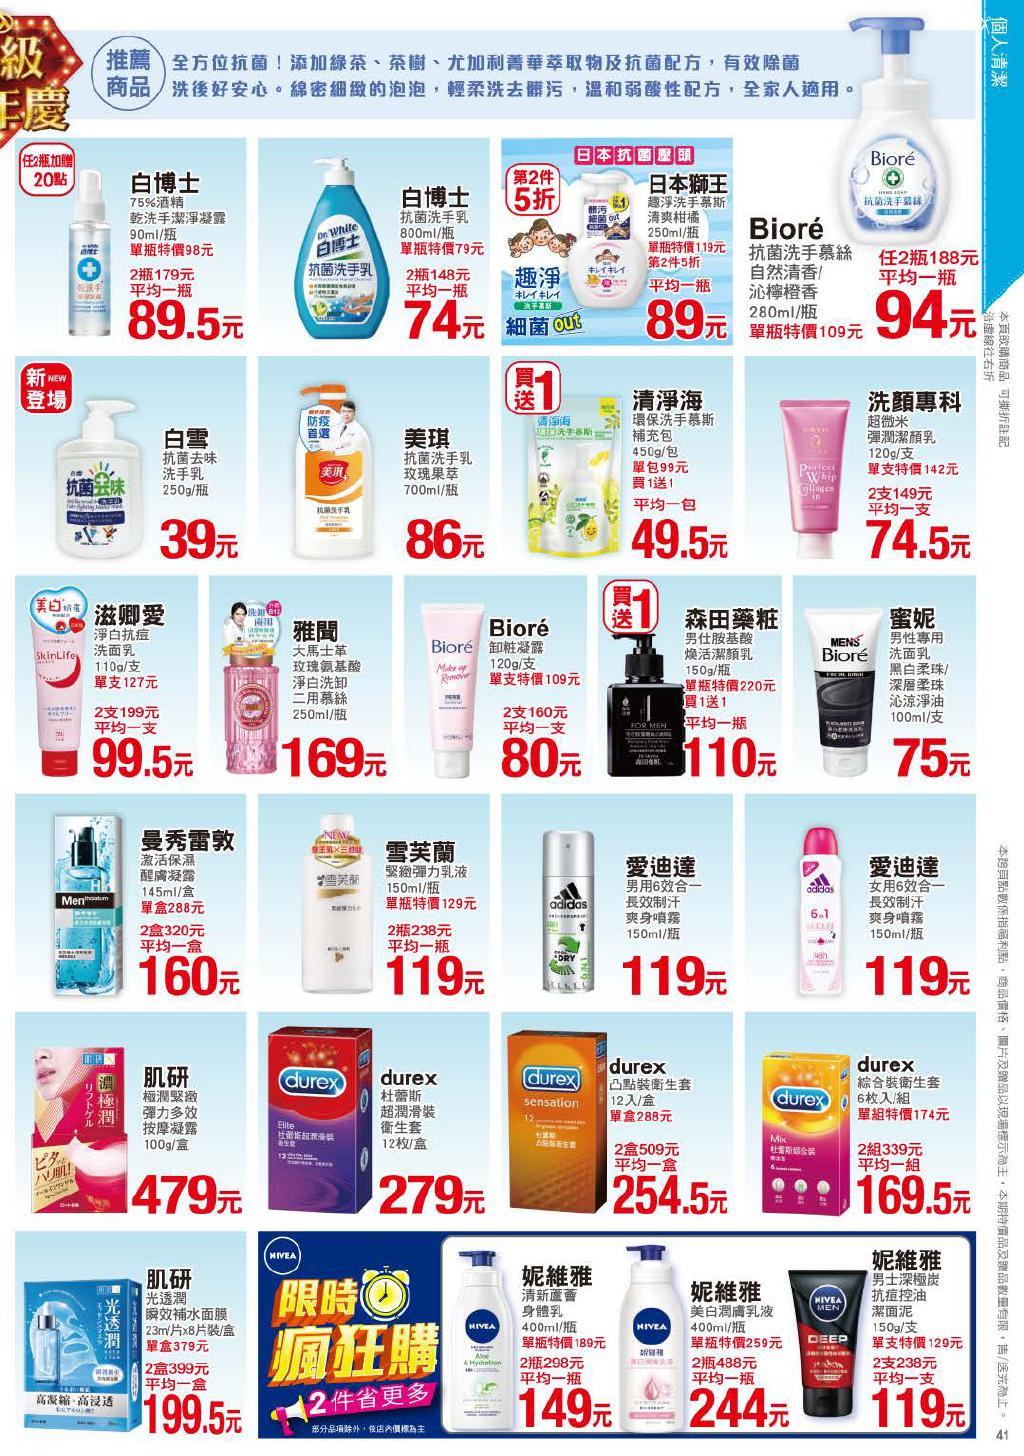 pxmart20201119_000041.jpg